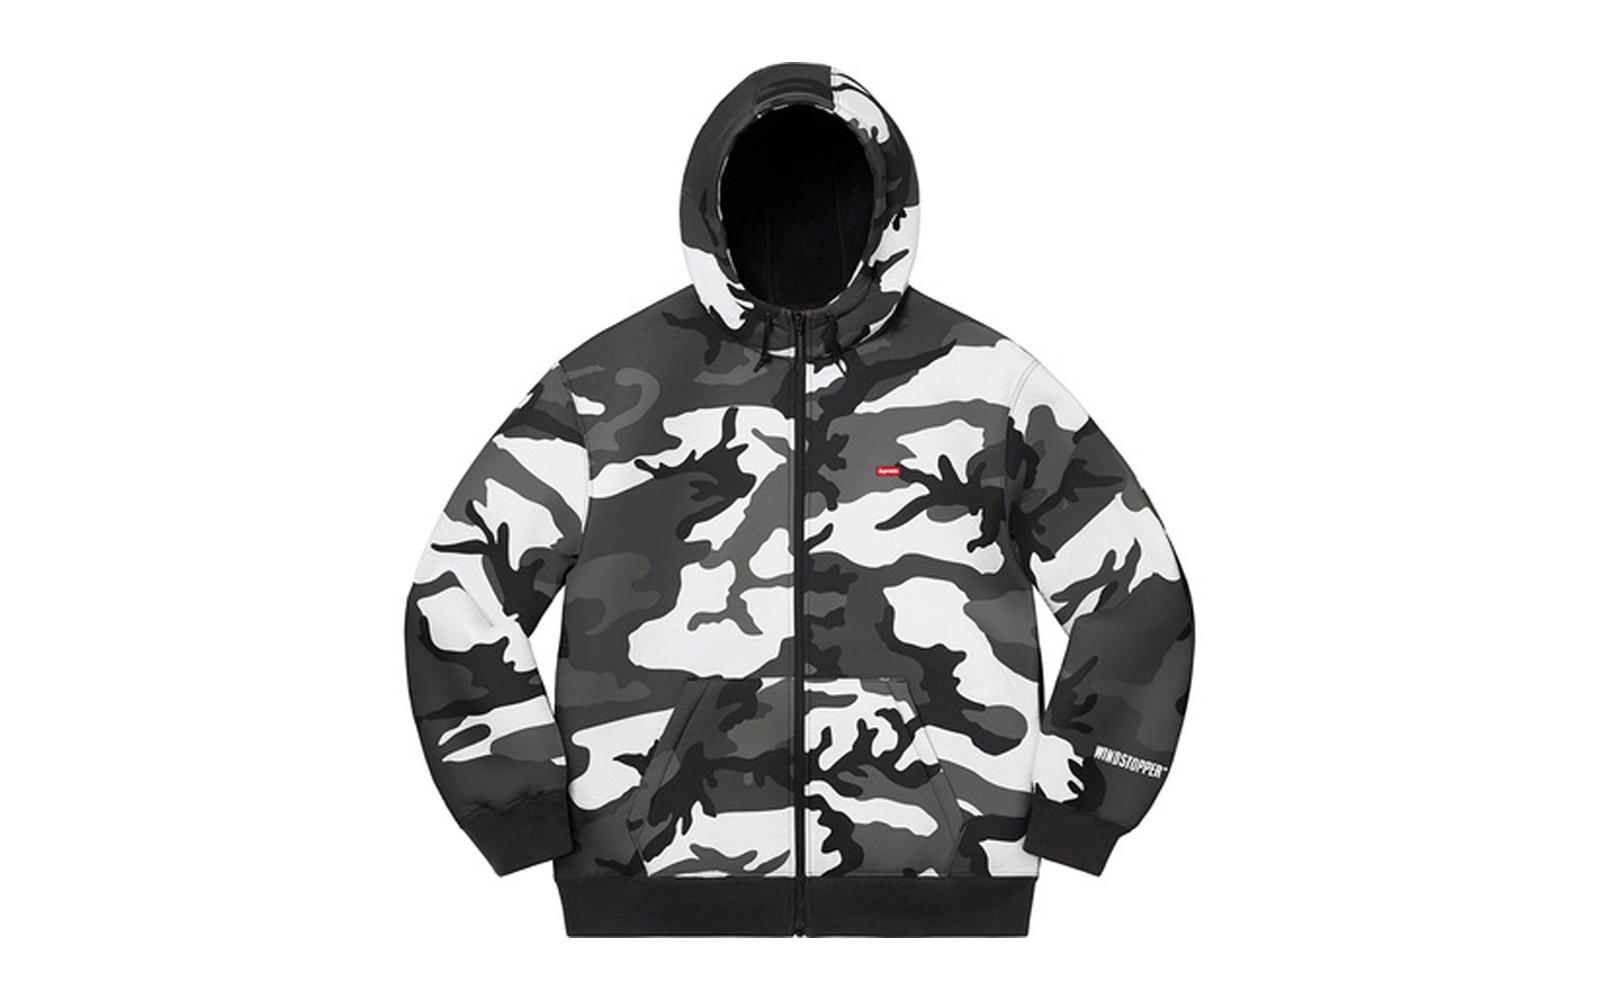 Supreme WINDSTOPPER Zip Up Hooded Sweatshirt